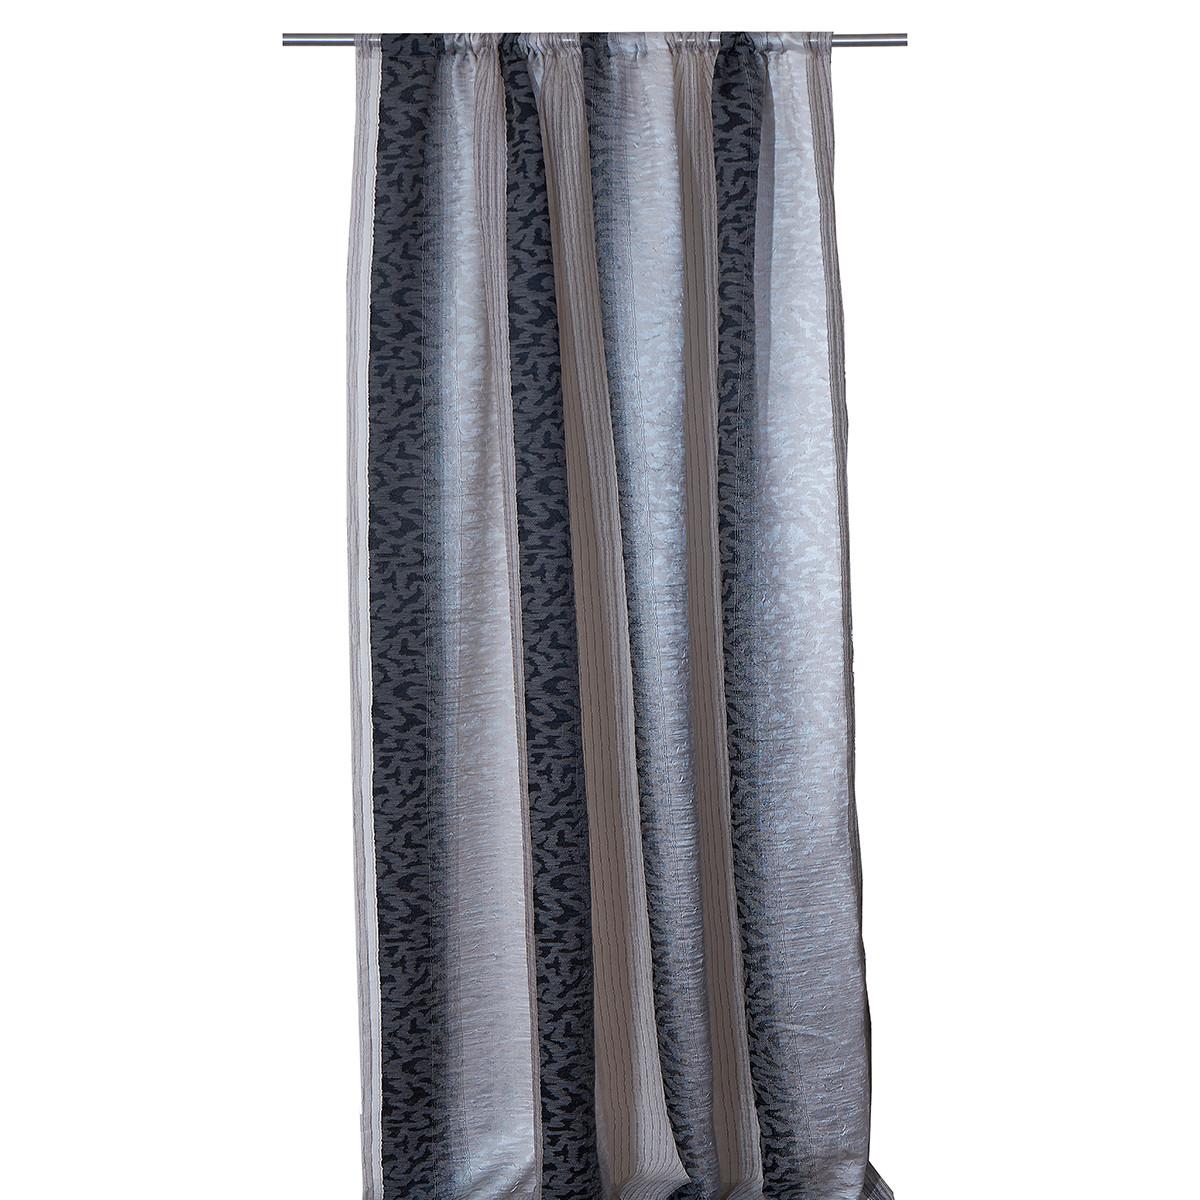 Κουρτίνα (280×270) Με Τρέσα Viopros 6375 Γκρι